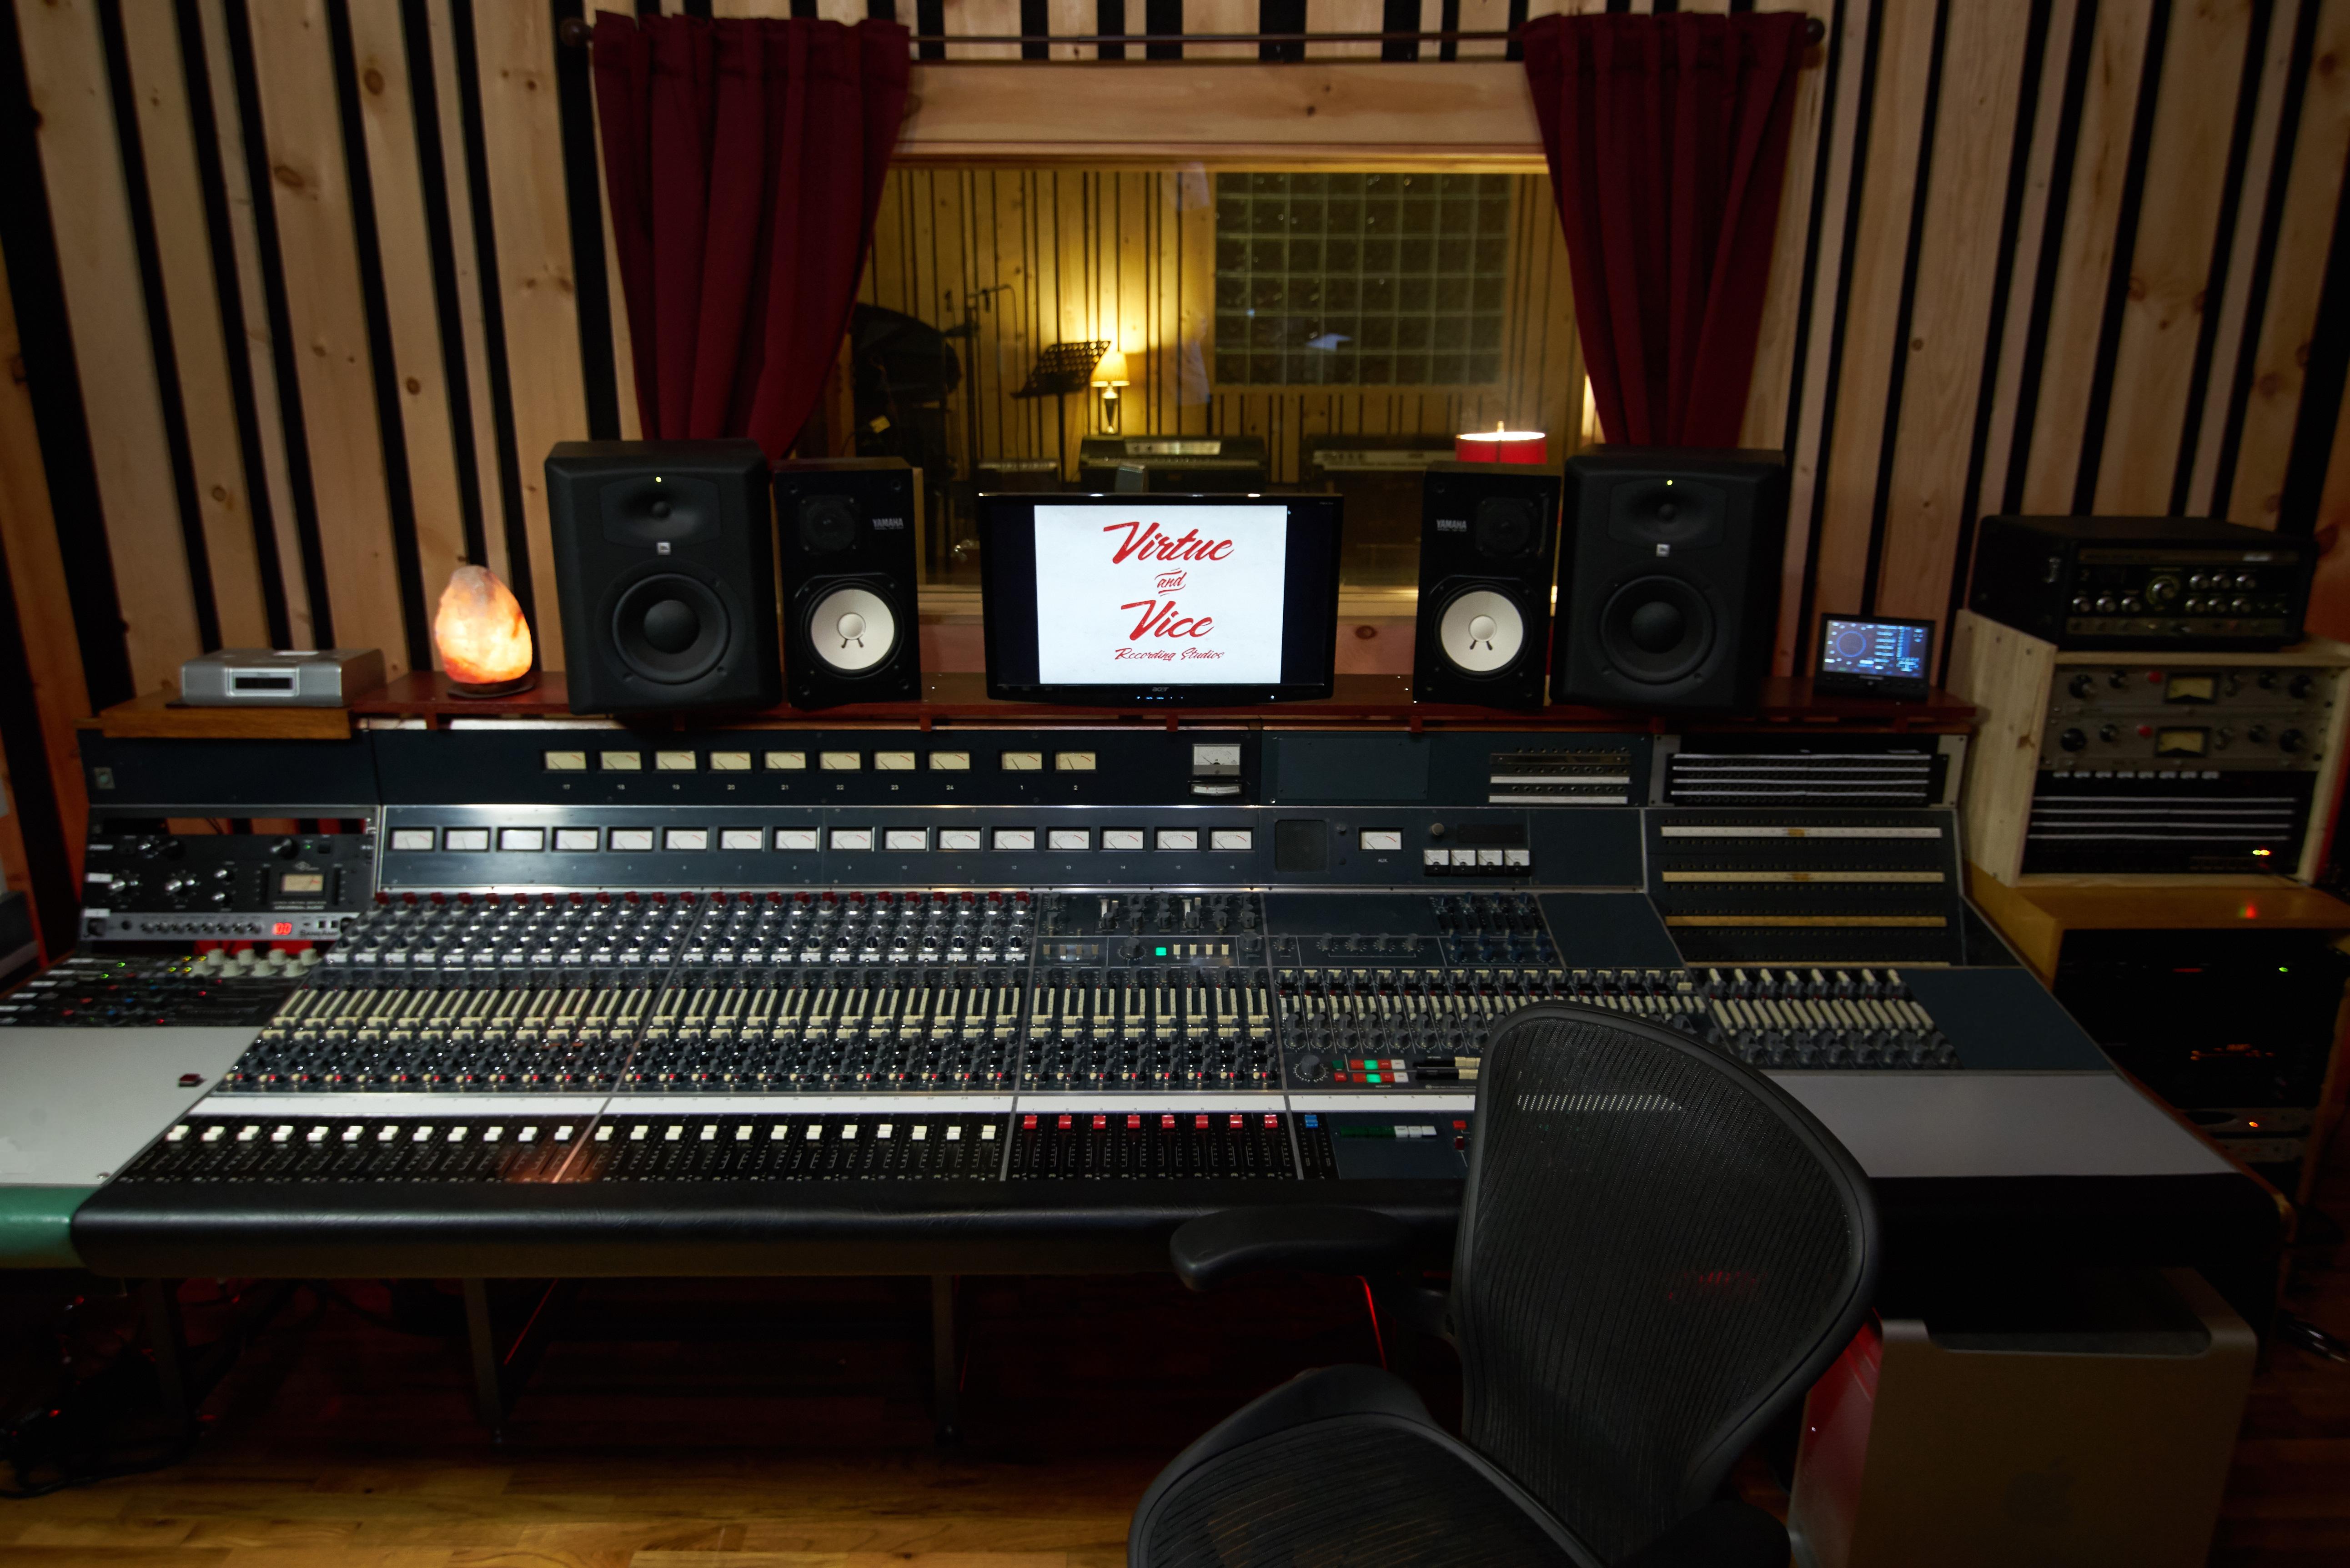 Virtue and Vice Studios-Brookyln, NY